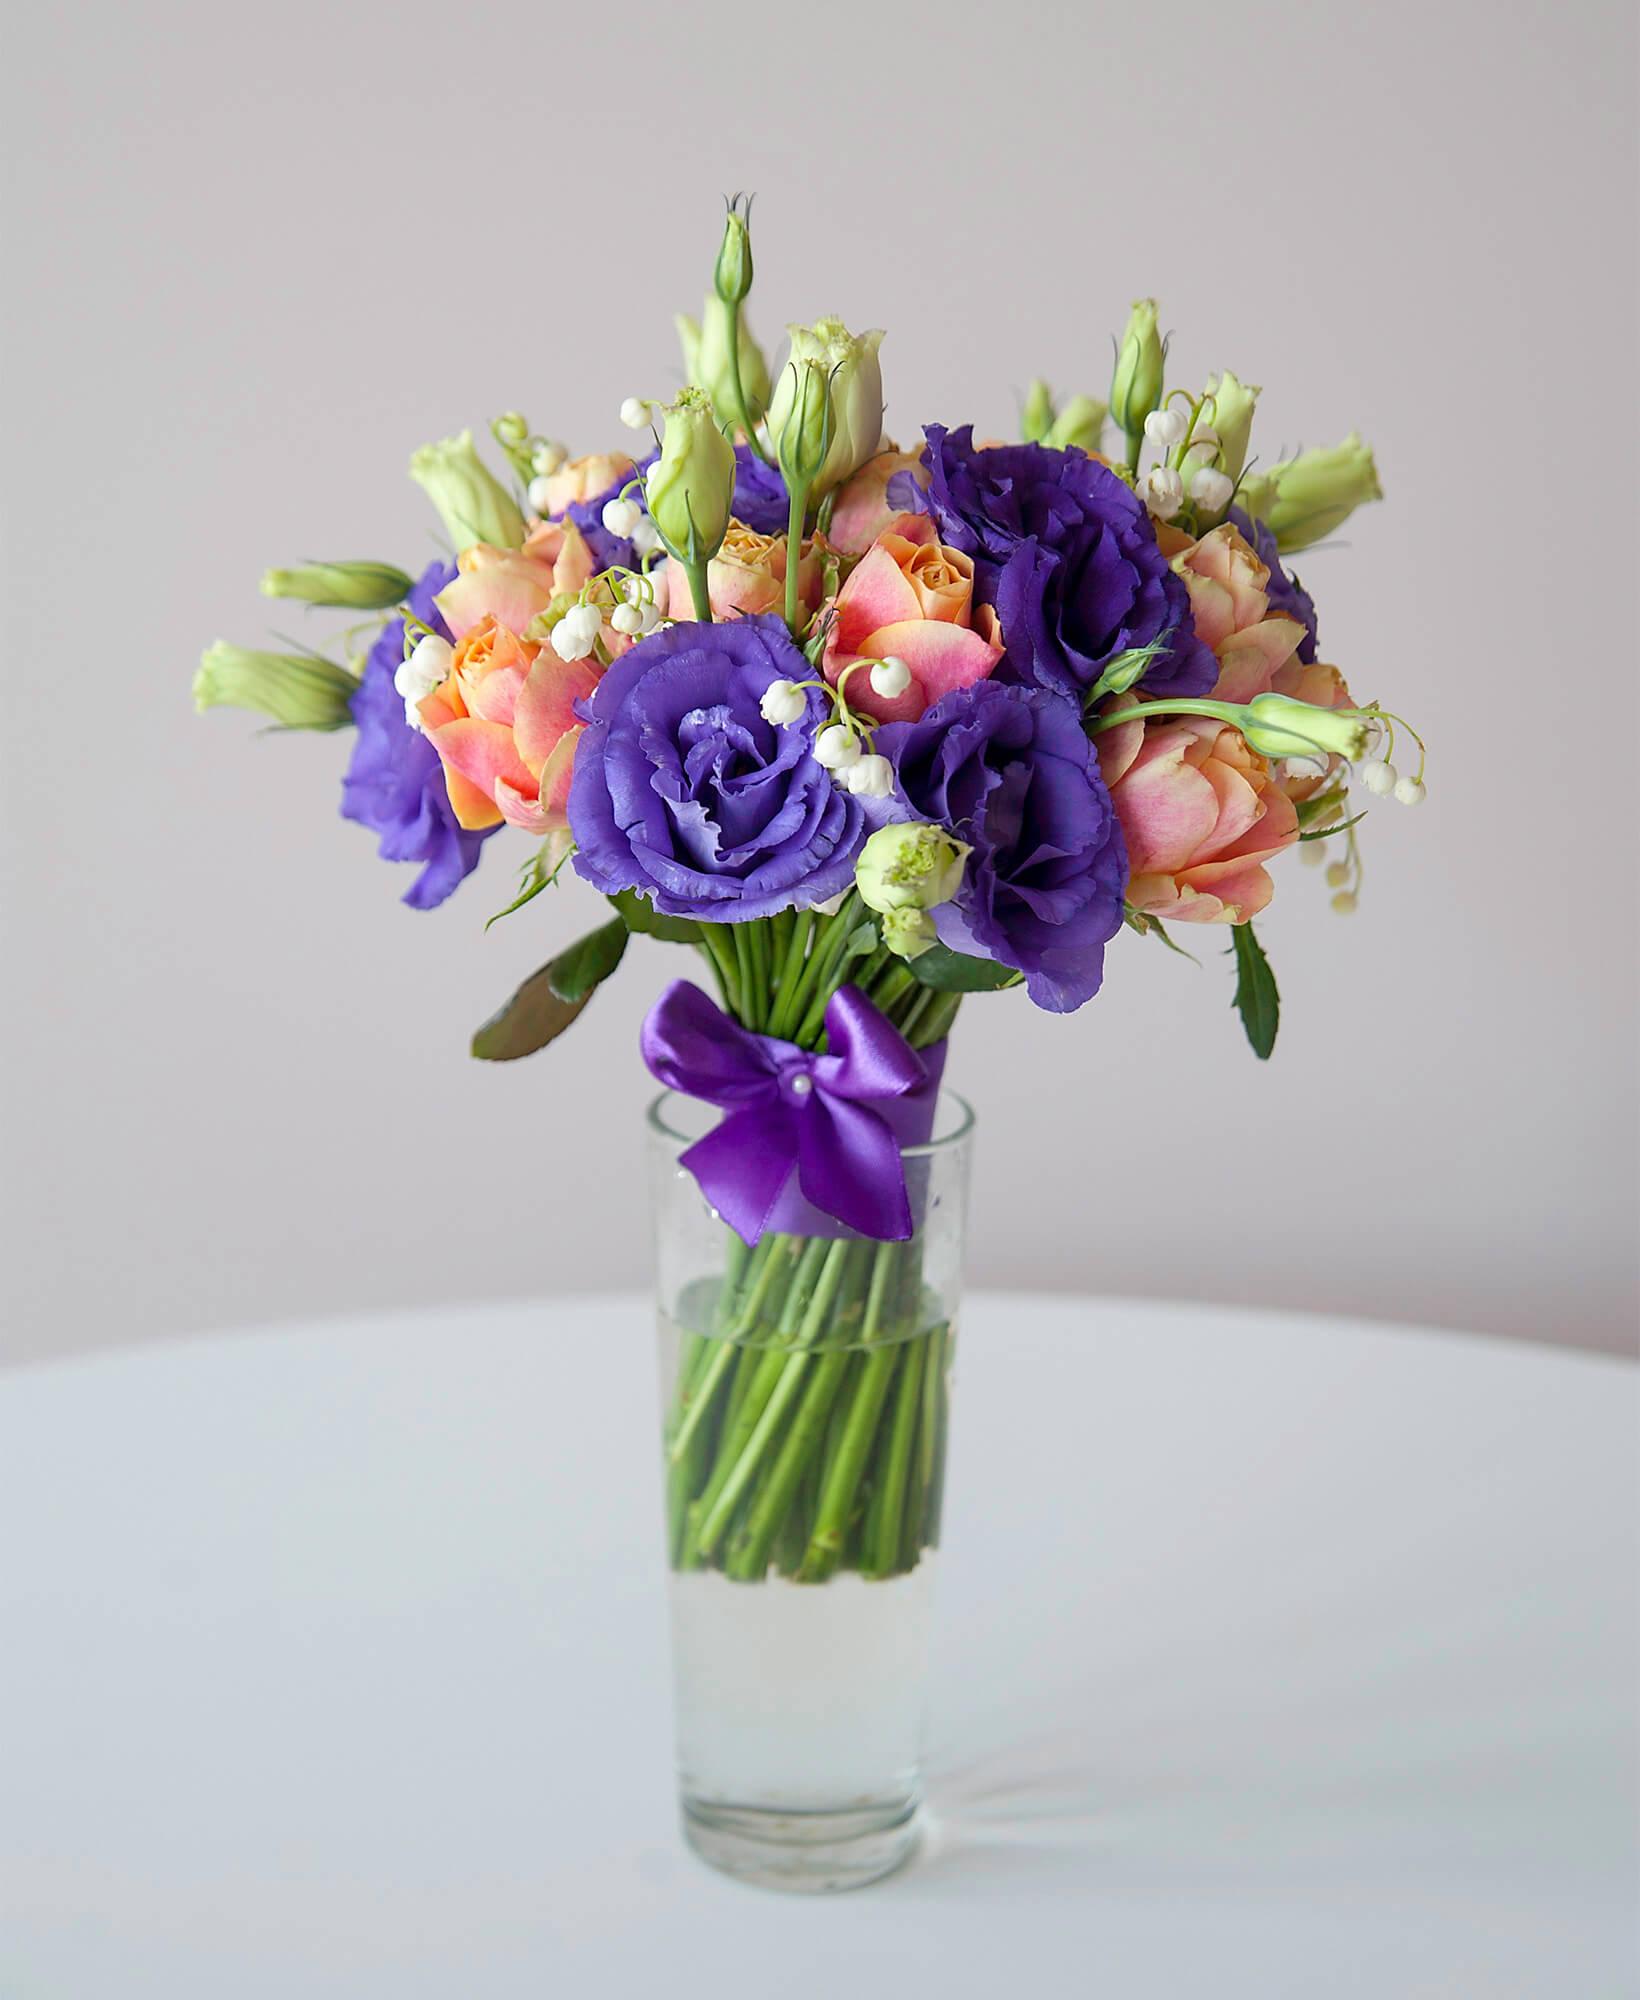 весенний букет невесты из ландышей, роз, эустомы